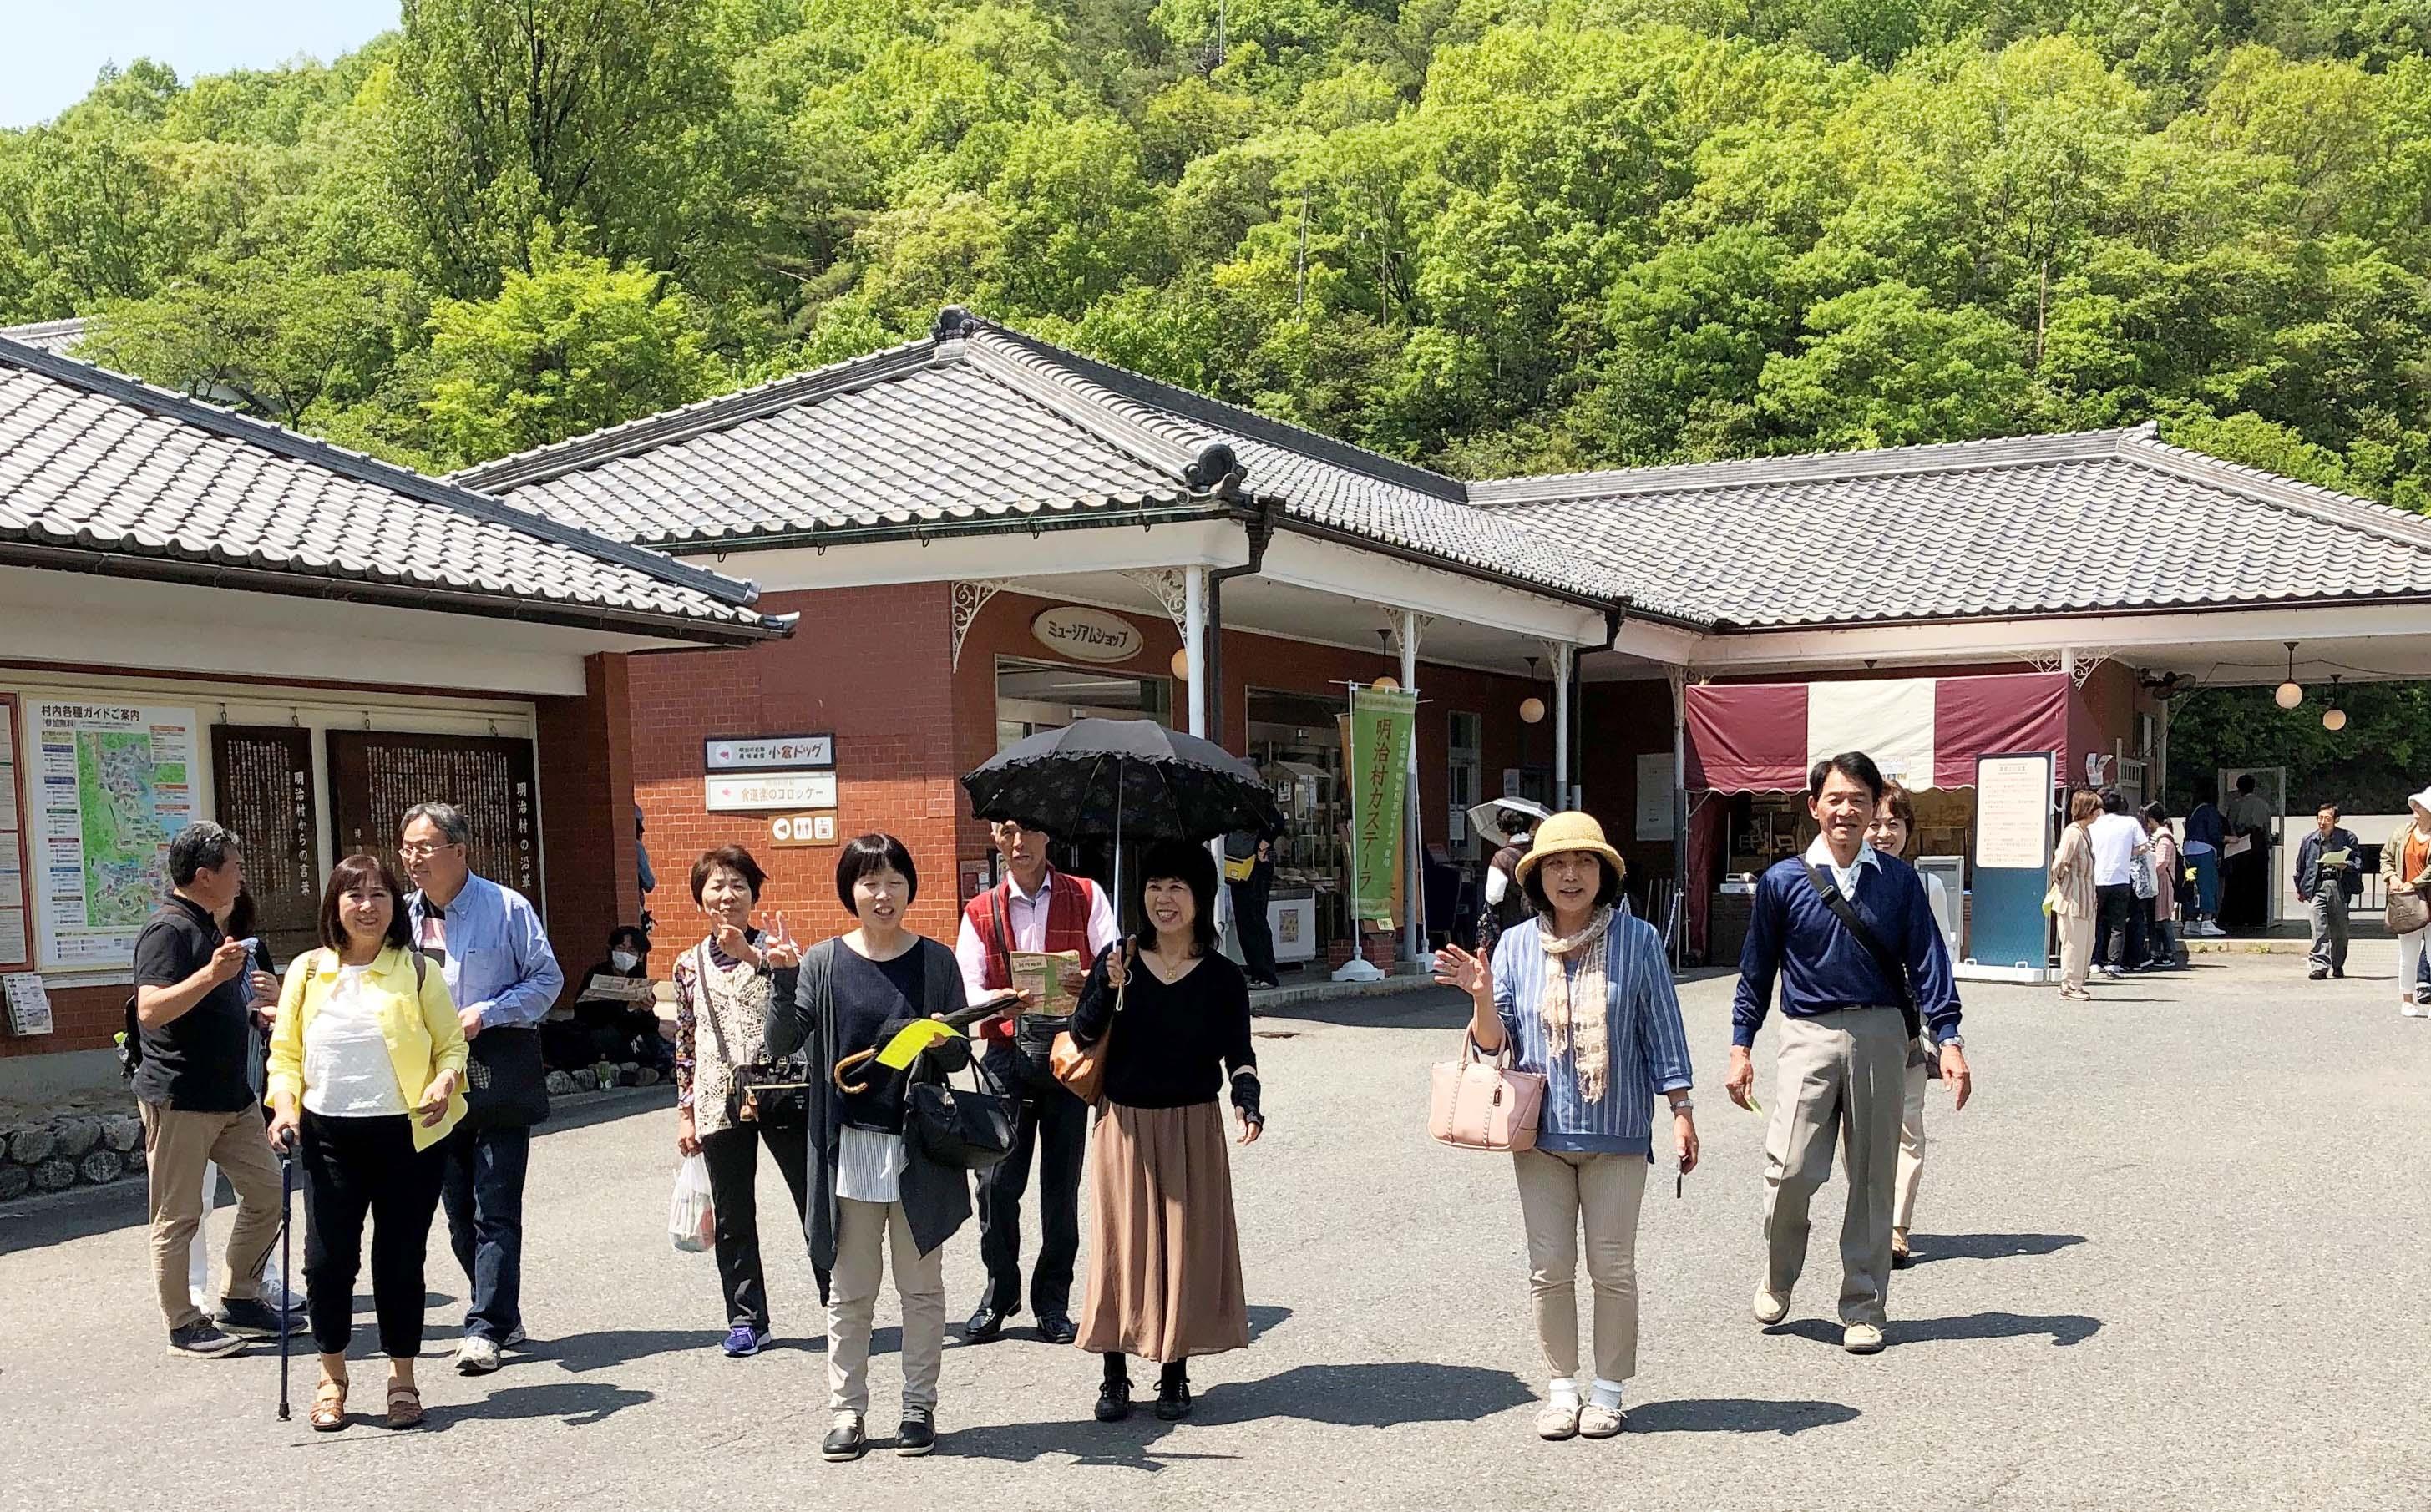 愛知 博物館・明治村と犬山城下町ツアー催行!